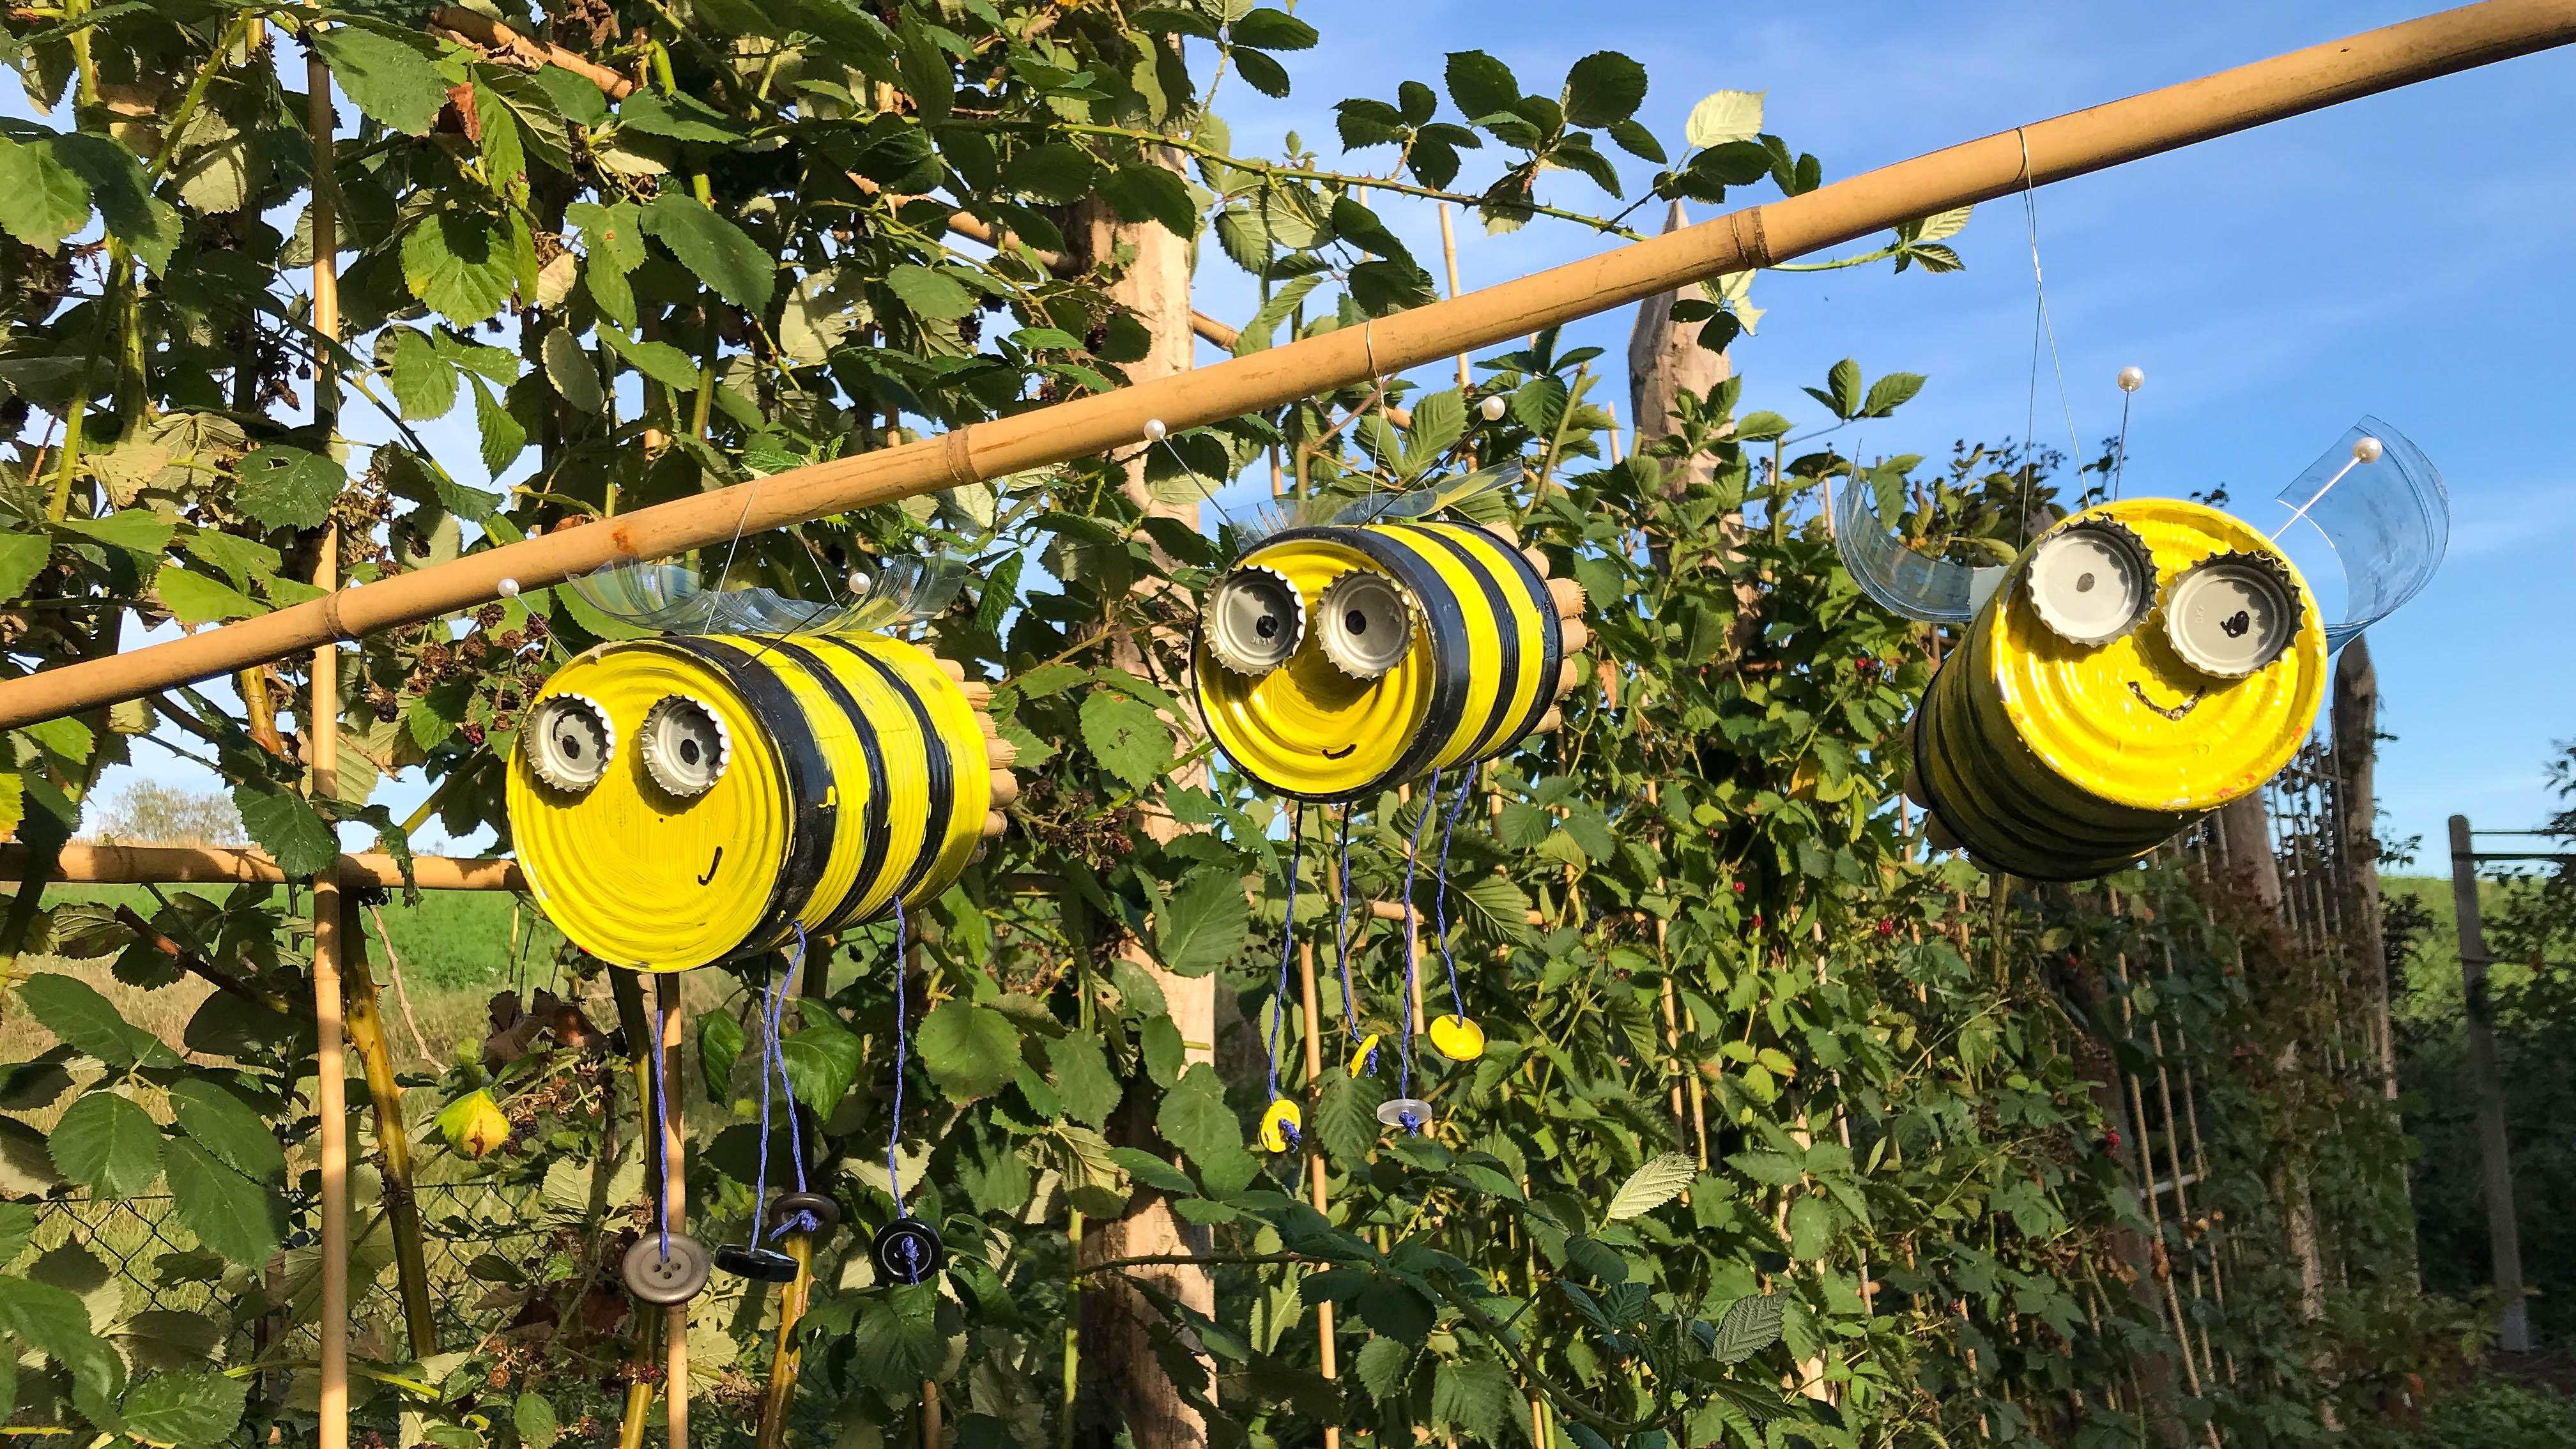 Bienenhotel selber bauen: Schritt-für-Schritt-Anleitung